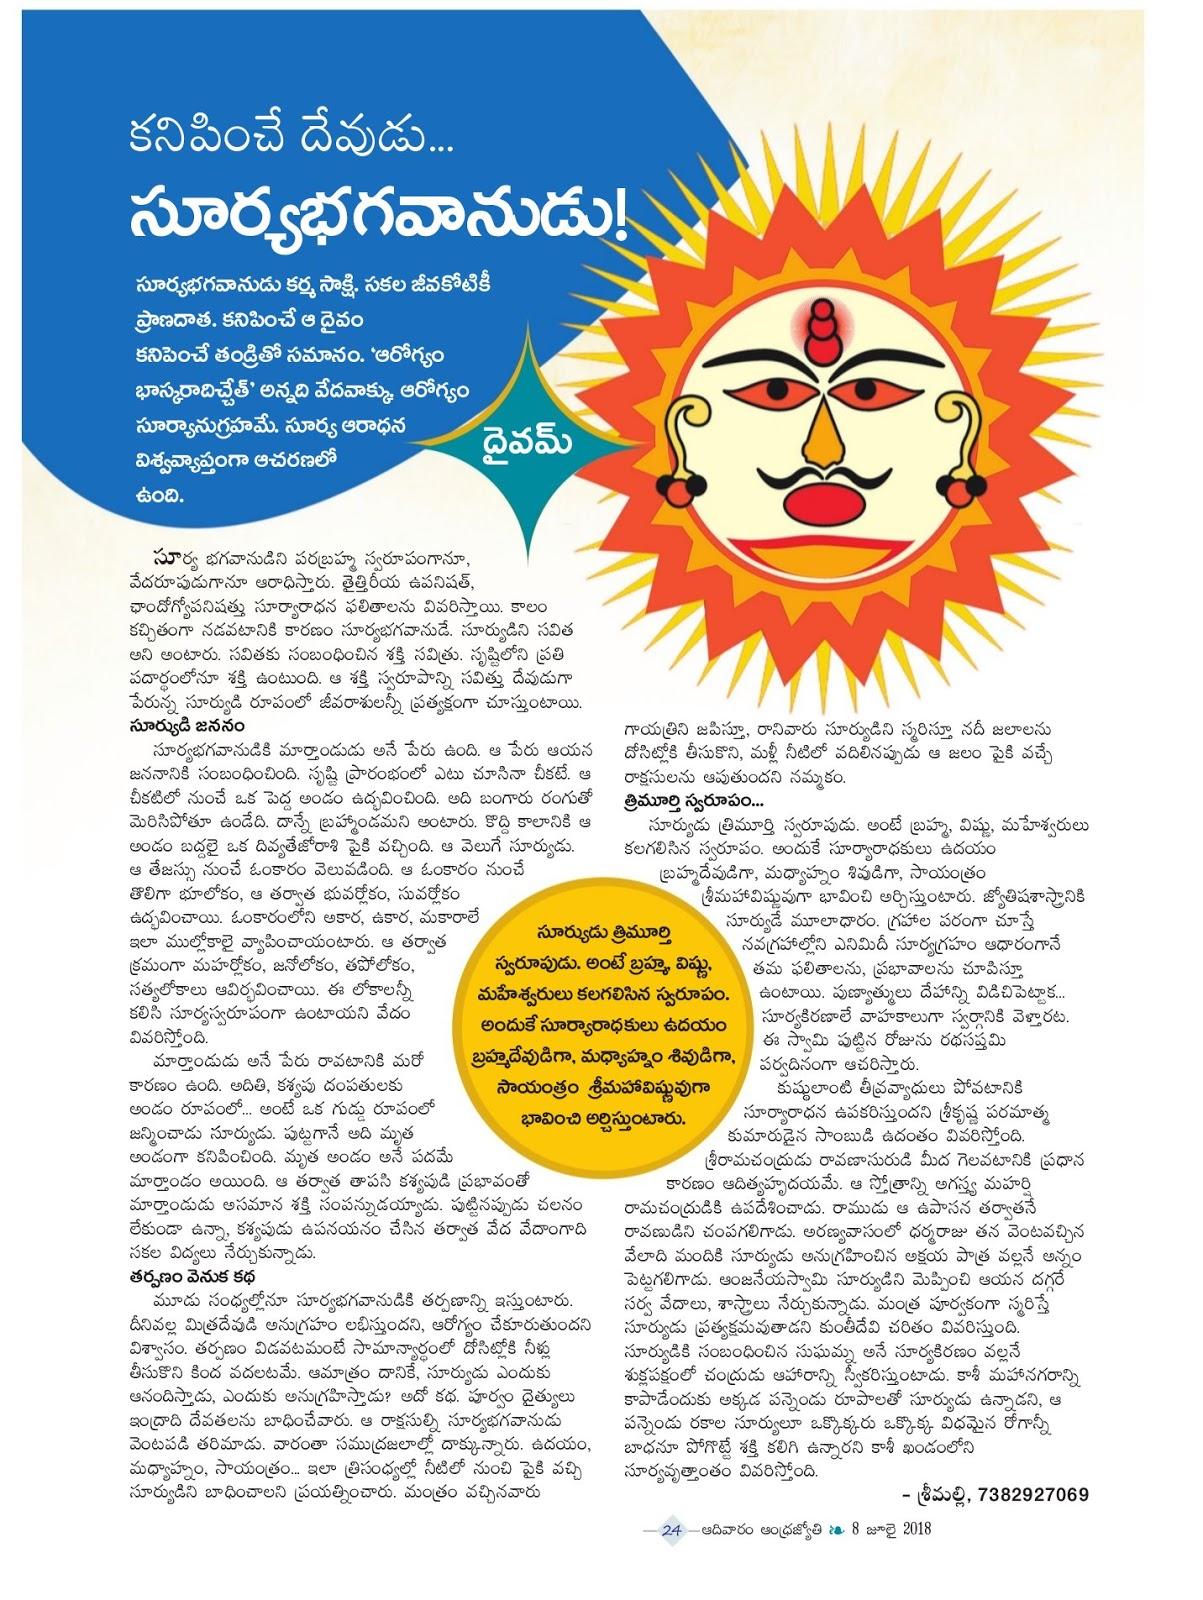 ఆదిత్యారాధన Aditya Araadhana ఆదిత్యారాధన | Adityaaraadhana | GRANTHANIDHI | MOHANPUBLICATIONS | bhakti pustakalu Suryanar Kovil, tamilnadu